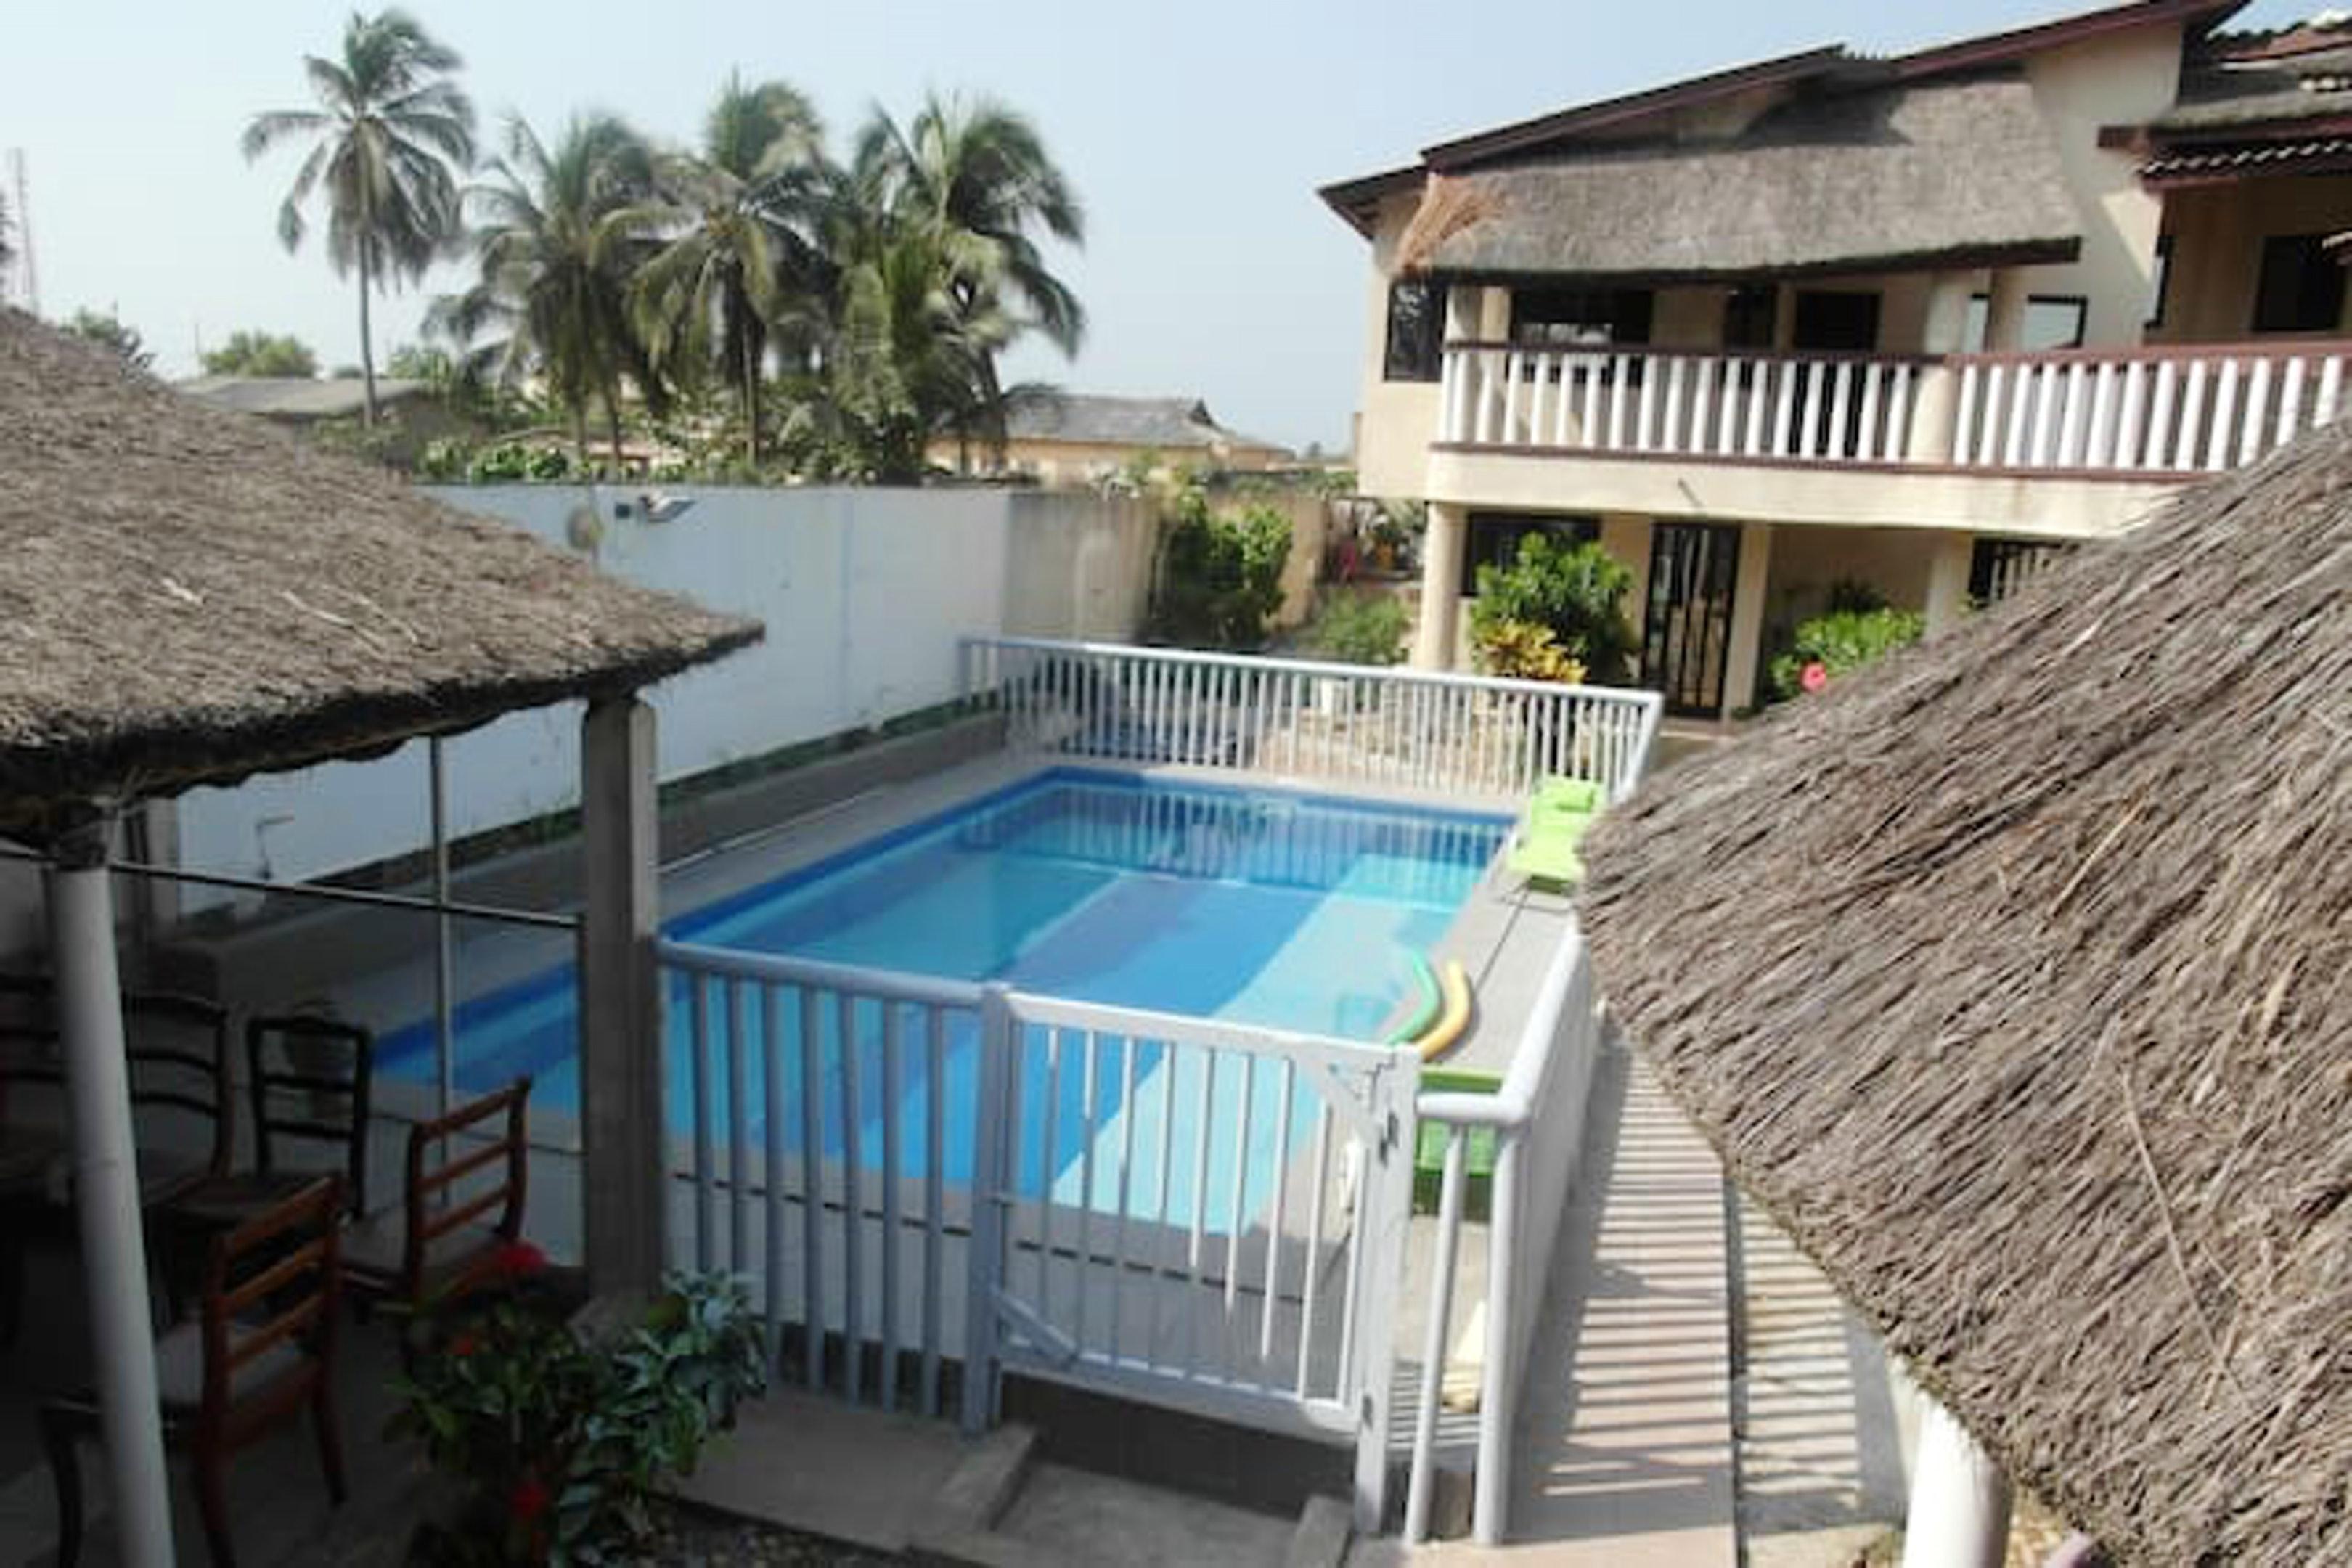 Estudio en Grand Popo, con piscina compartida y jardín cerrado - a 10 m de la playa